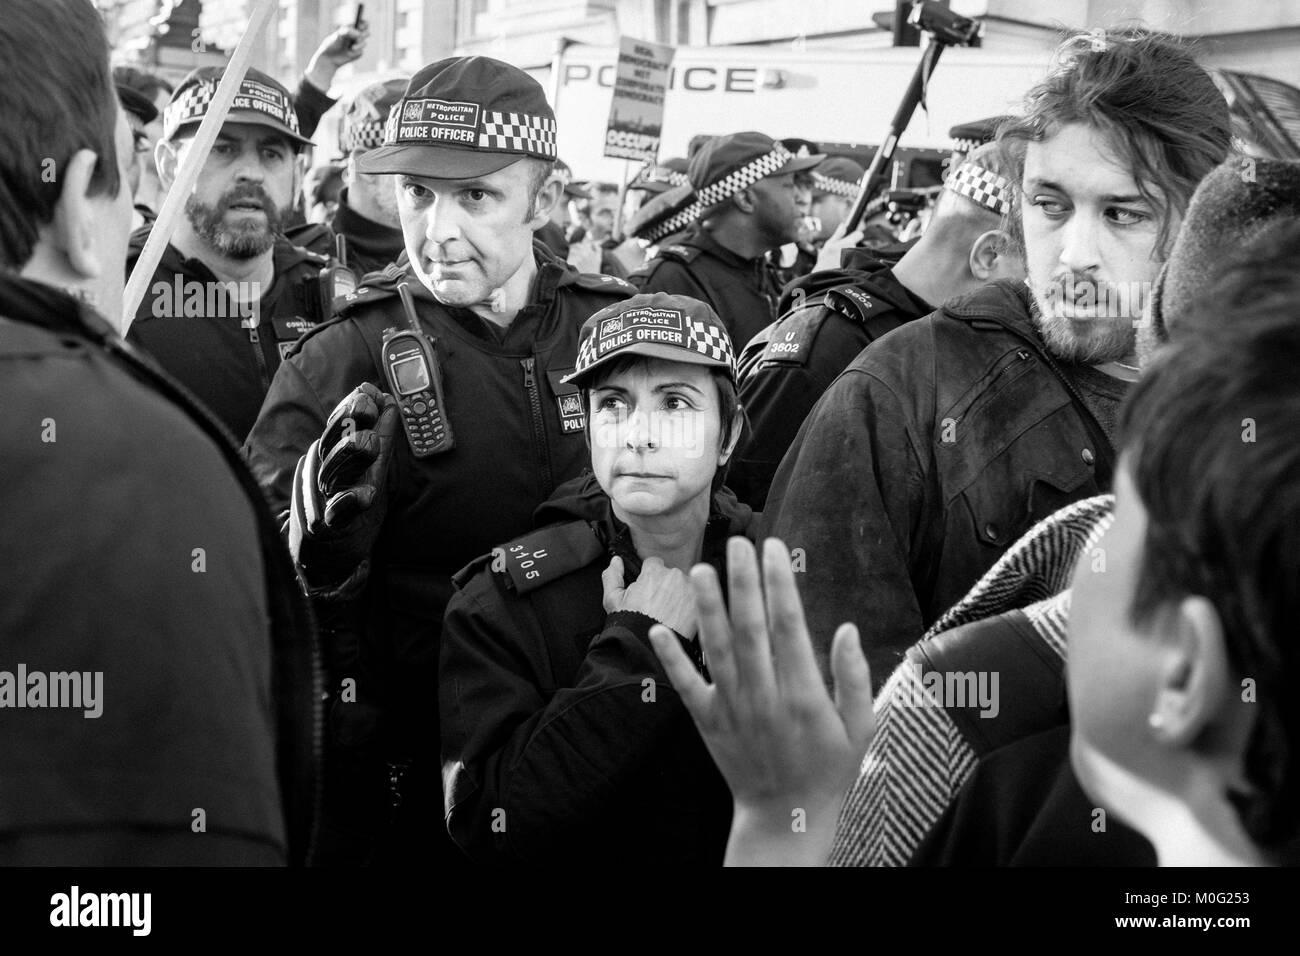 Londres en blanco y negro la fotografía de la calle: Funcionarios de la Policía Metropolitana enfrentar Imagen De Stock